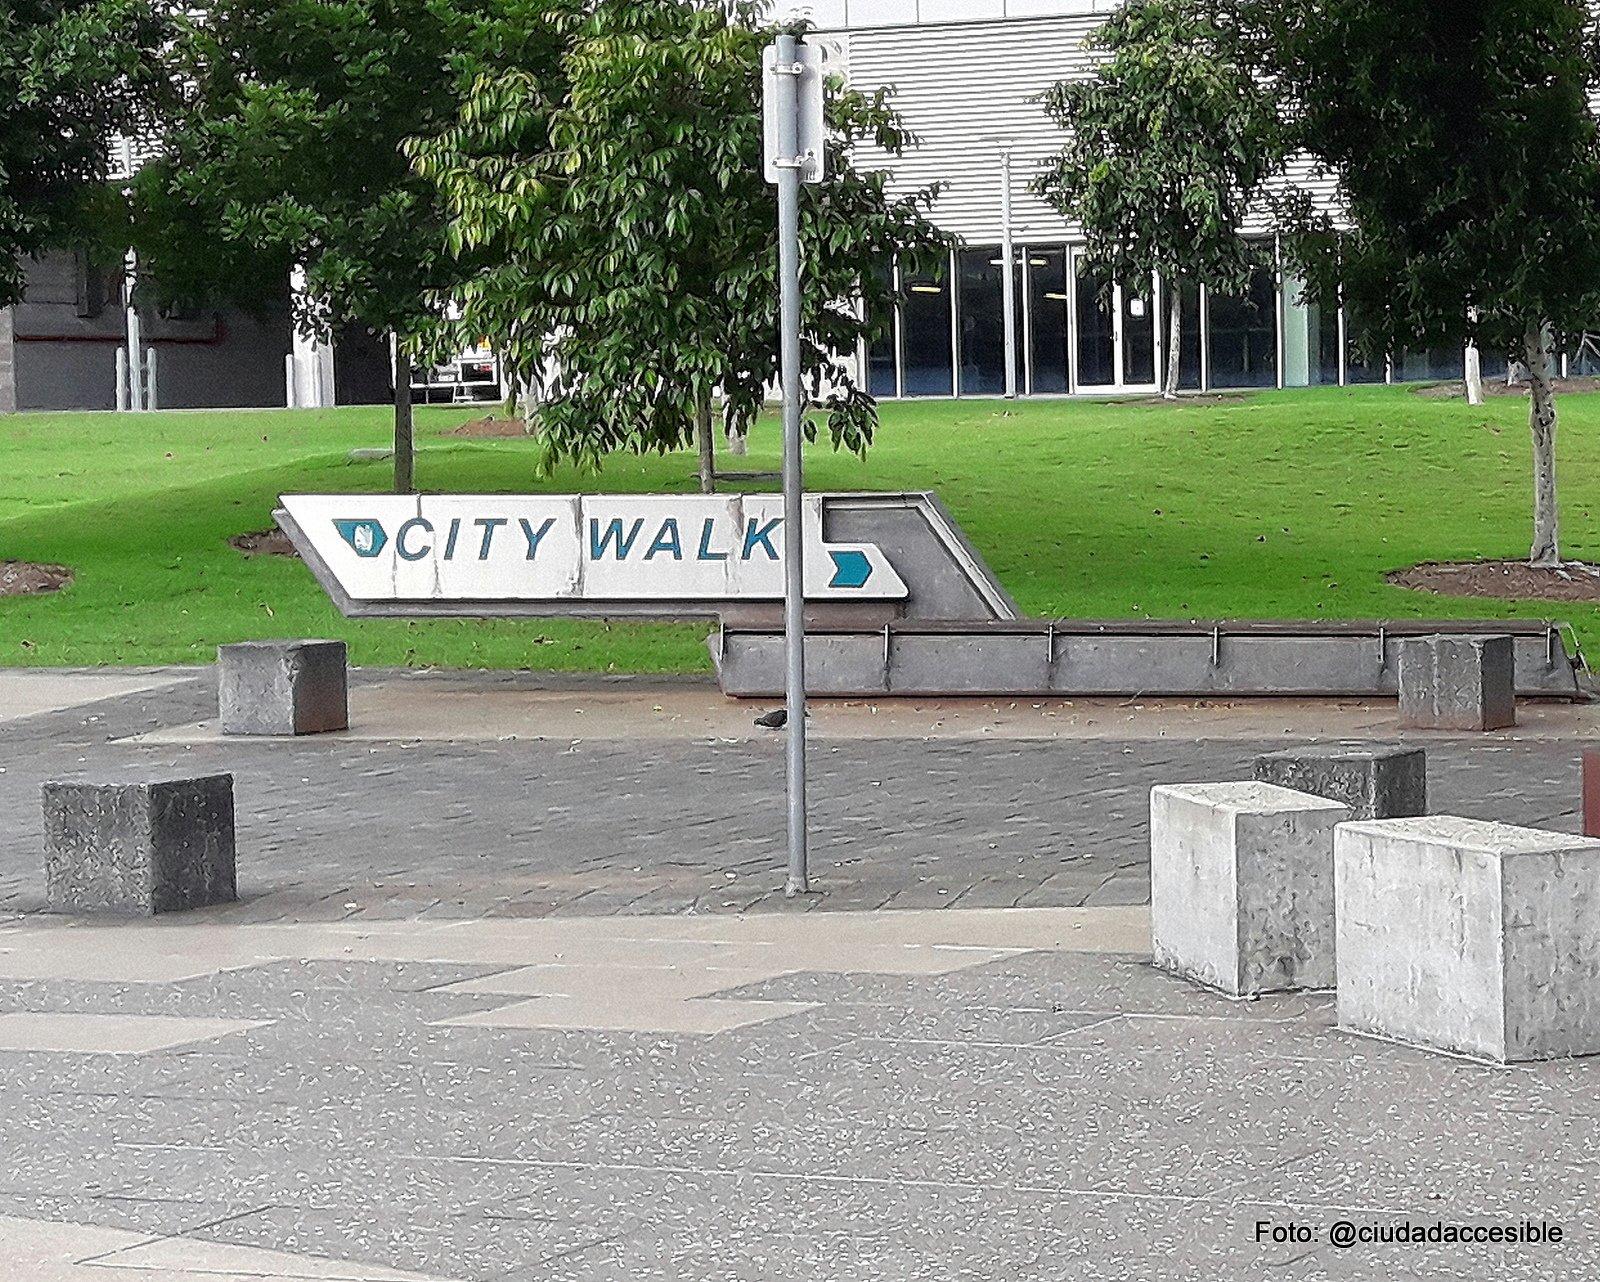 """Señal que indica """"City Walk"""" en Parque South Bank Brisbane"""